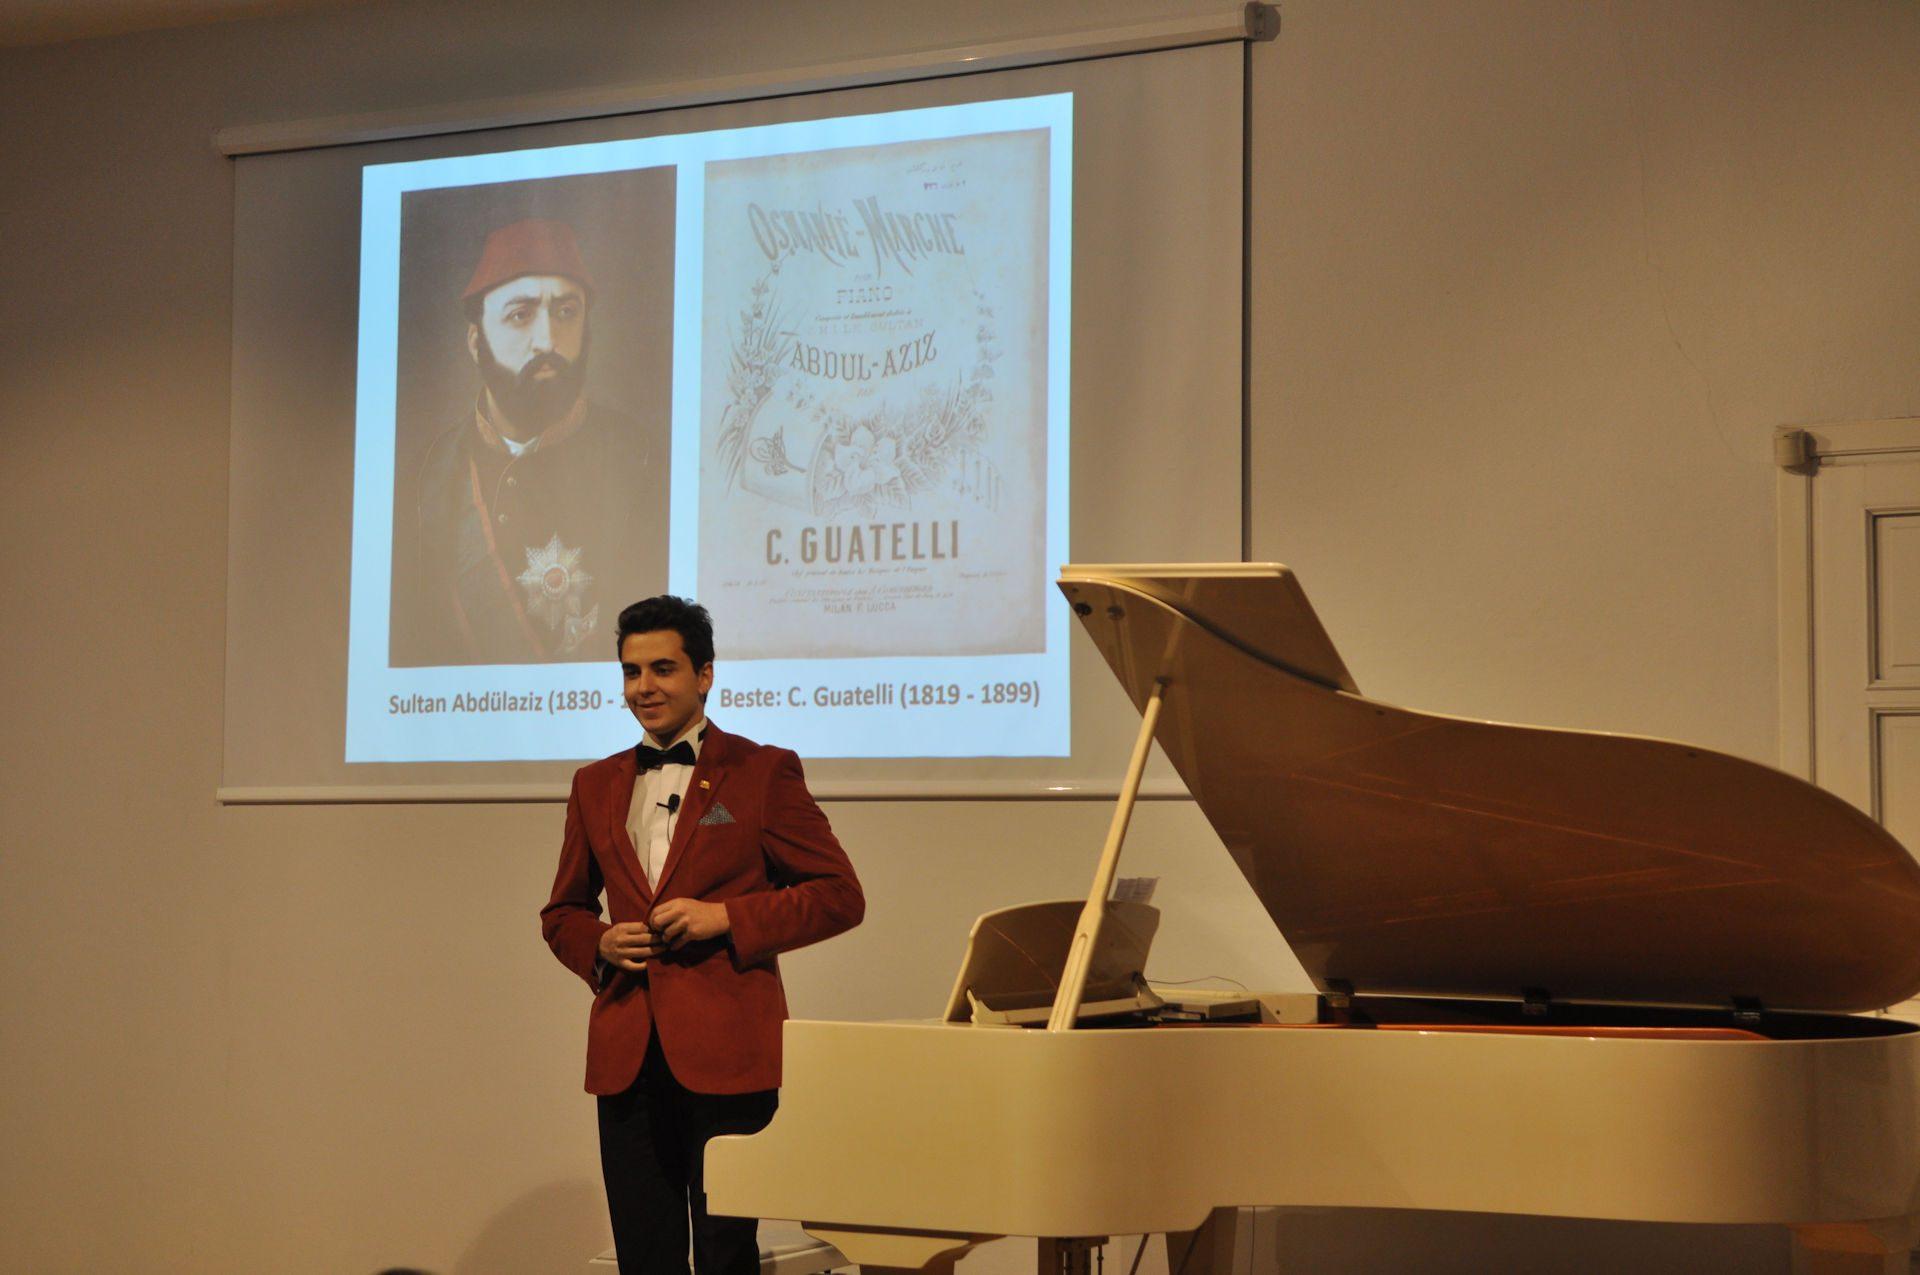 Piyano Tuşlarından Farklı Ezgiler Turing Konserinde Osmanlı Marşlarını Ve Müziklerini çaldı. Genç Osmanlı Piyanist Güneş Yakartepe Konserinde 5 Güzel Eseri Piyano Ile Icra Etti